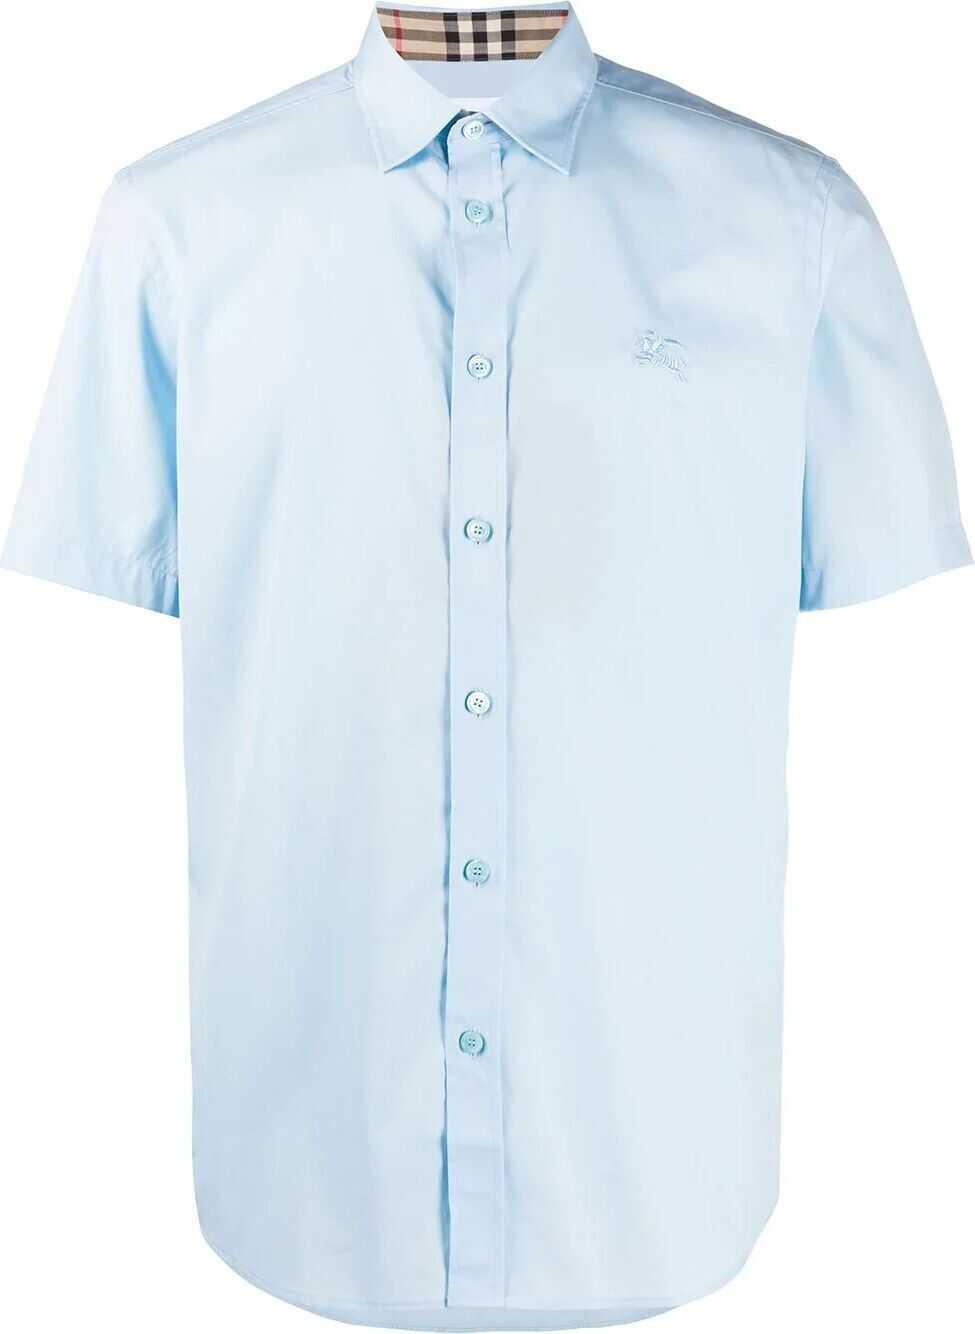 Burberry Cotton Shirt LIGHT BLUE